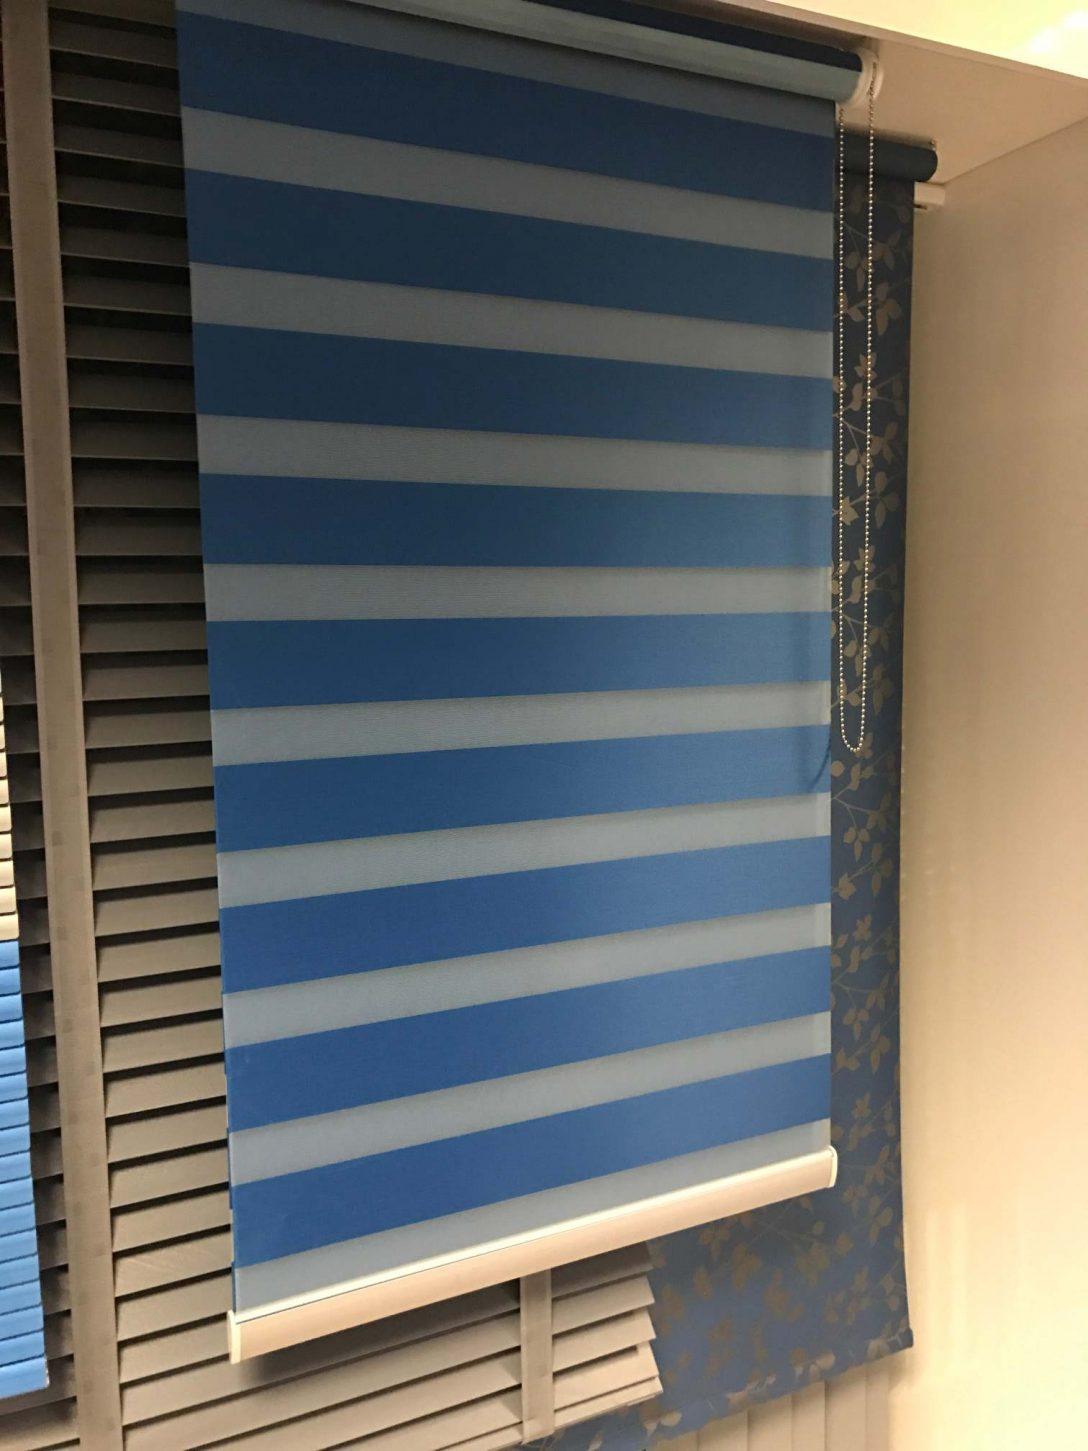 Large Size of Sonnenschutzfolie Fenster Innen Doppelverglasung Selbsthaftend Hitzeschutzfolie Entfernen Anbringen Oder Aussen Test Obi Montage Baumarkt Am Hochreflektierend Fenster Sonnenschutzfolie Fenster Innen